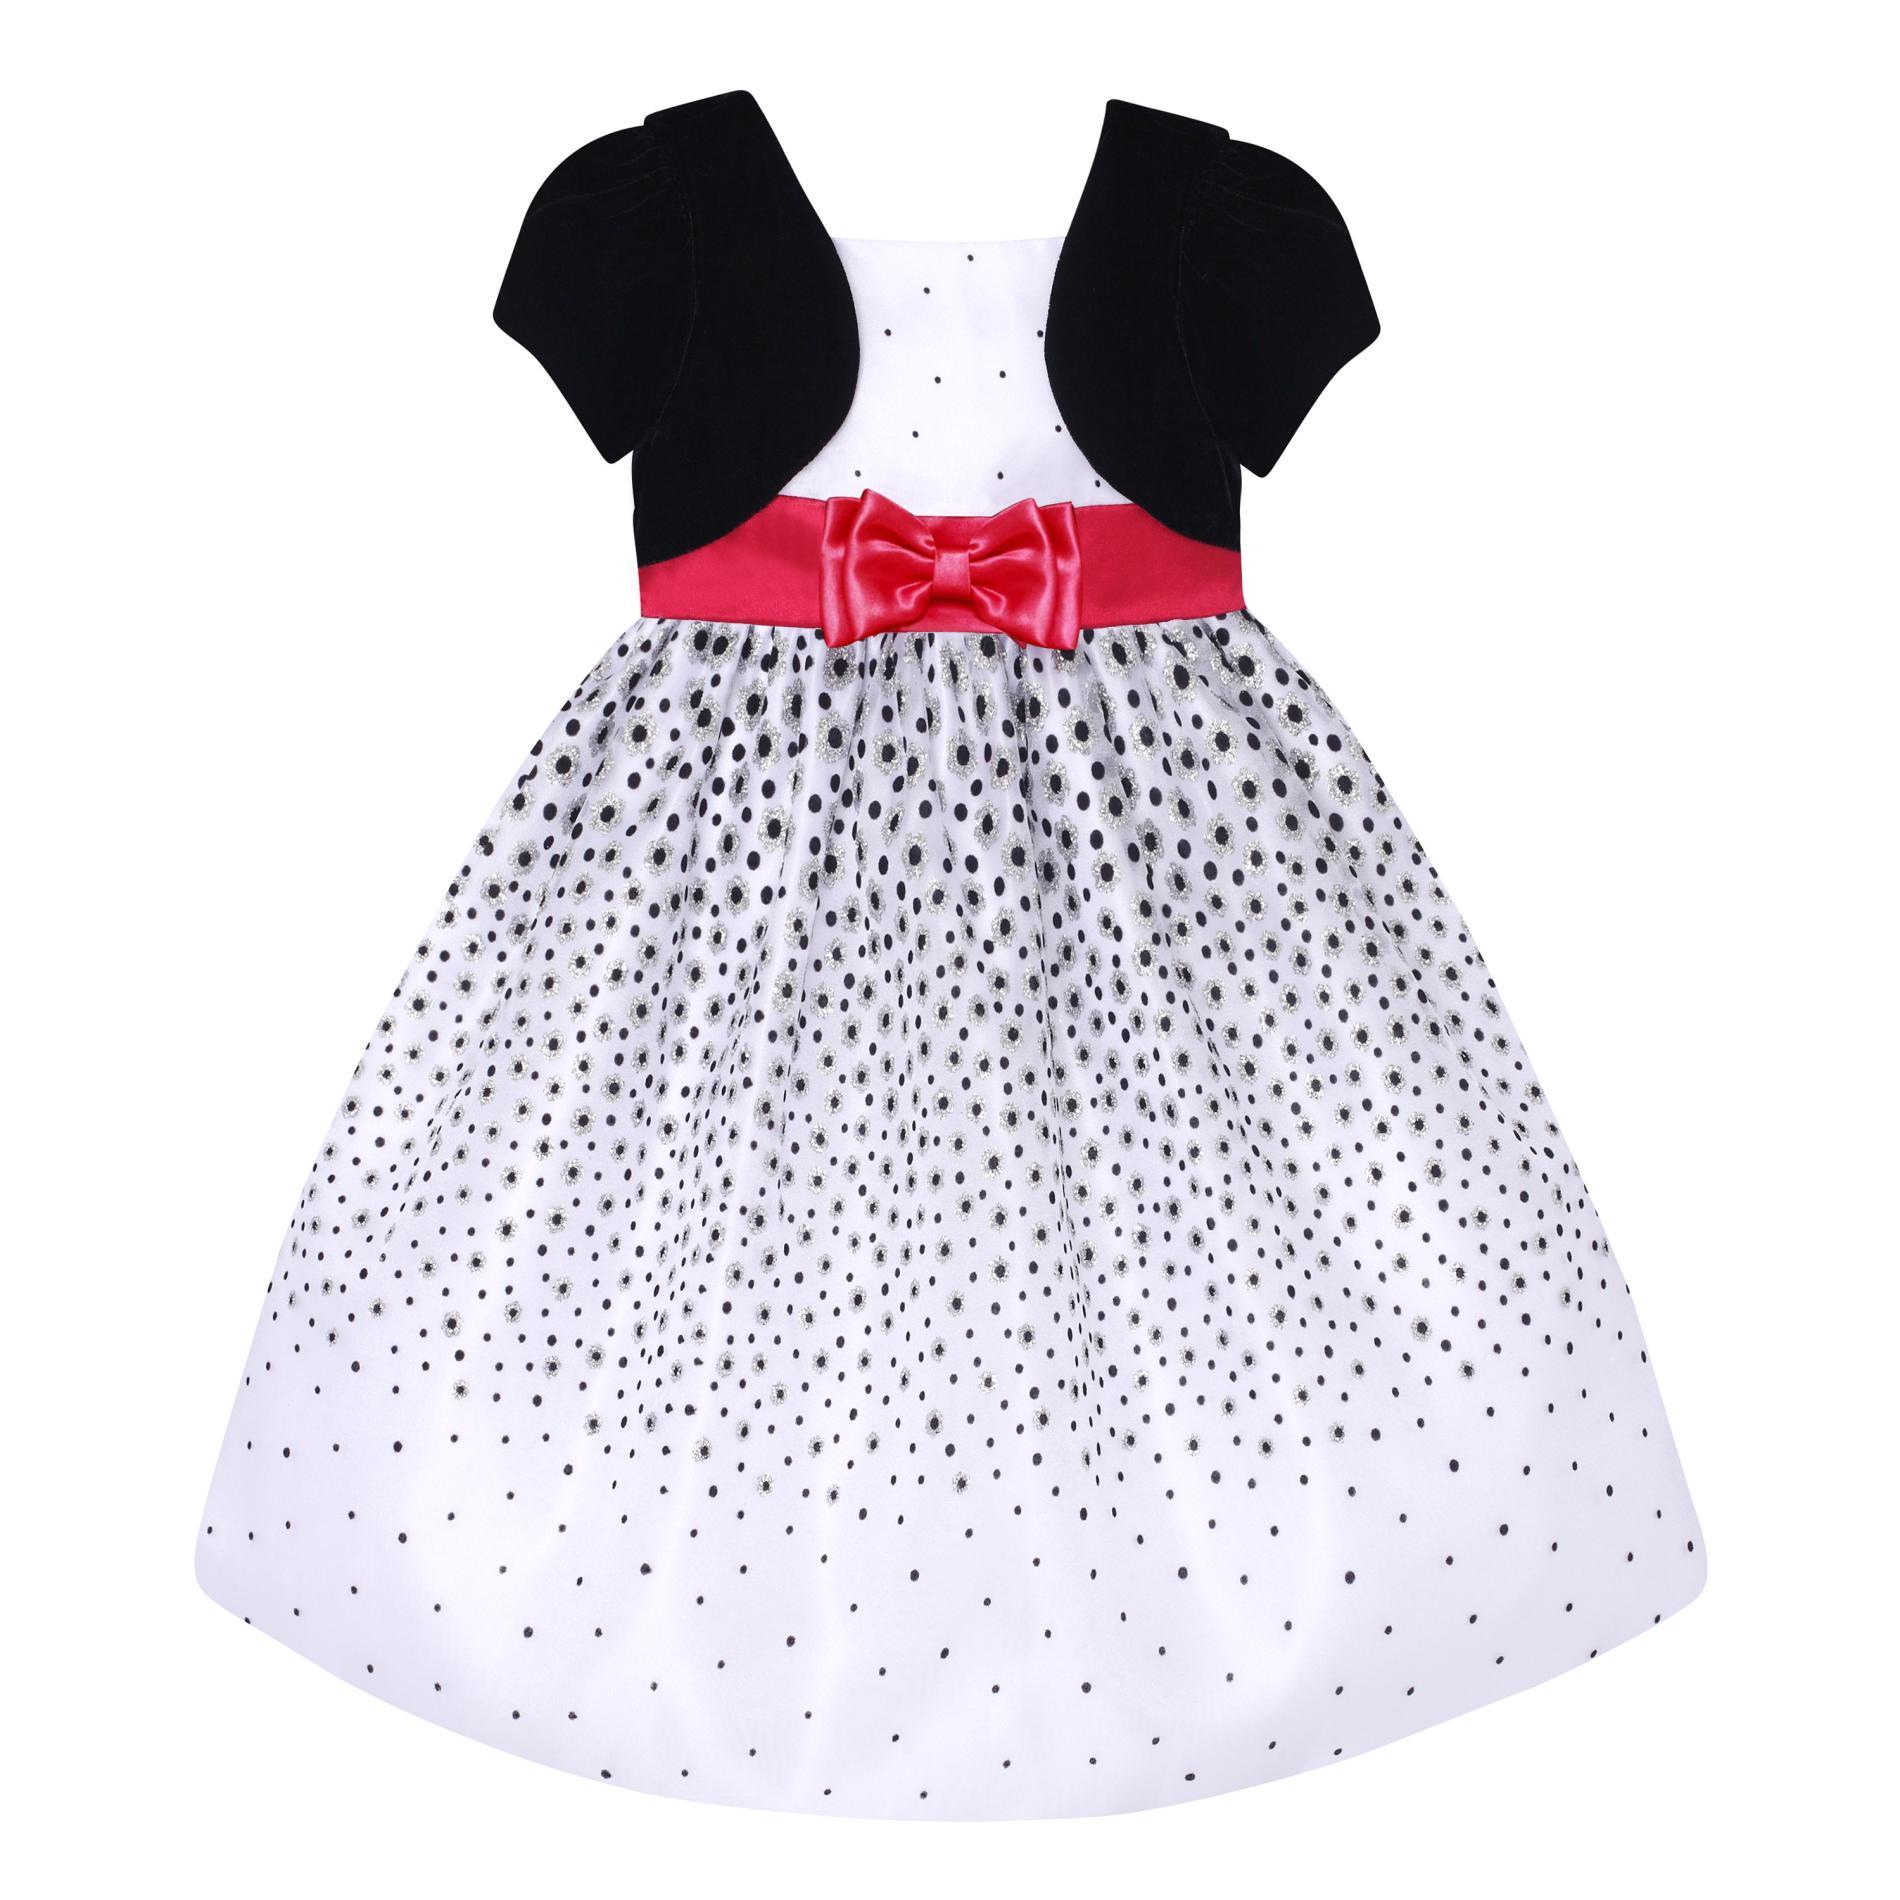 Love Infant & Toddler Girl's Bolero Party Dress